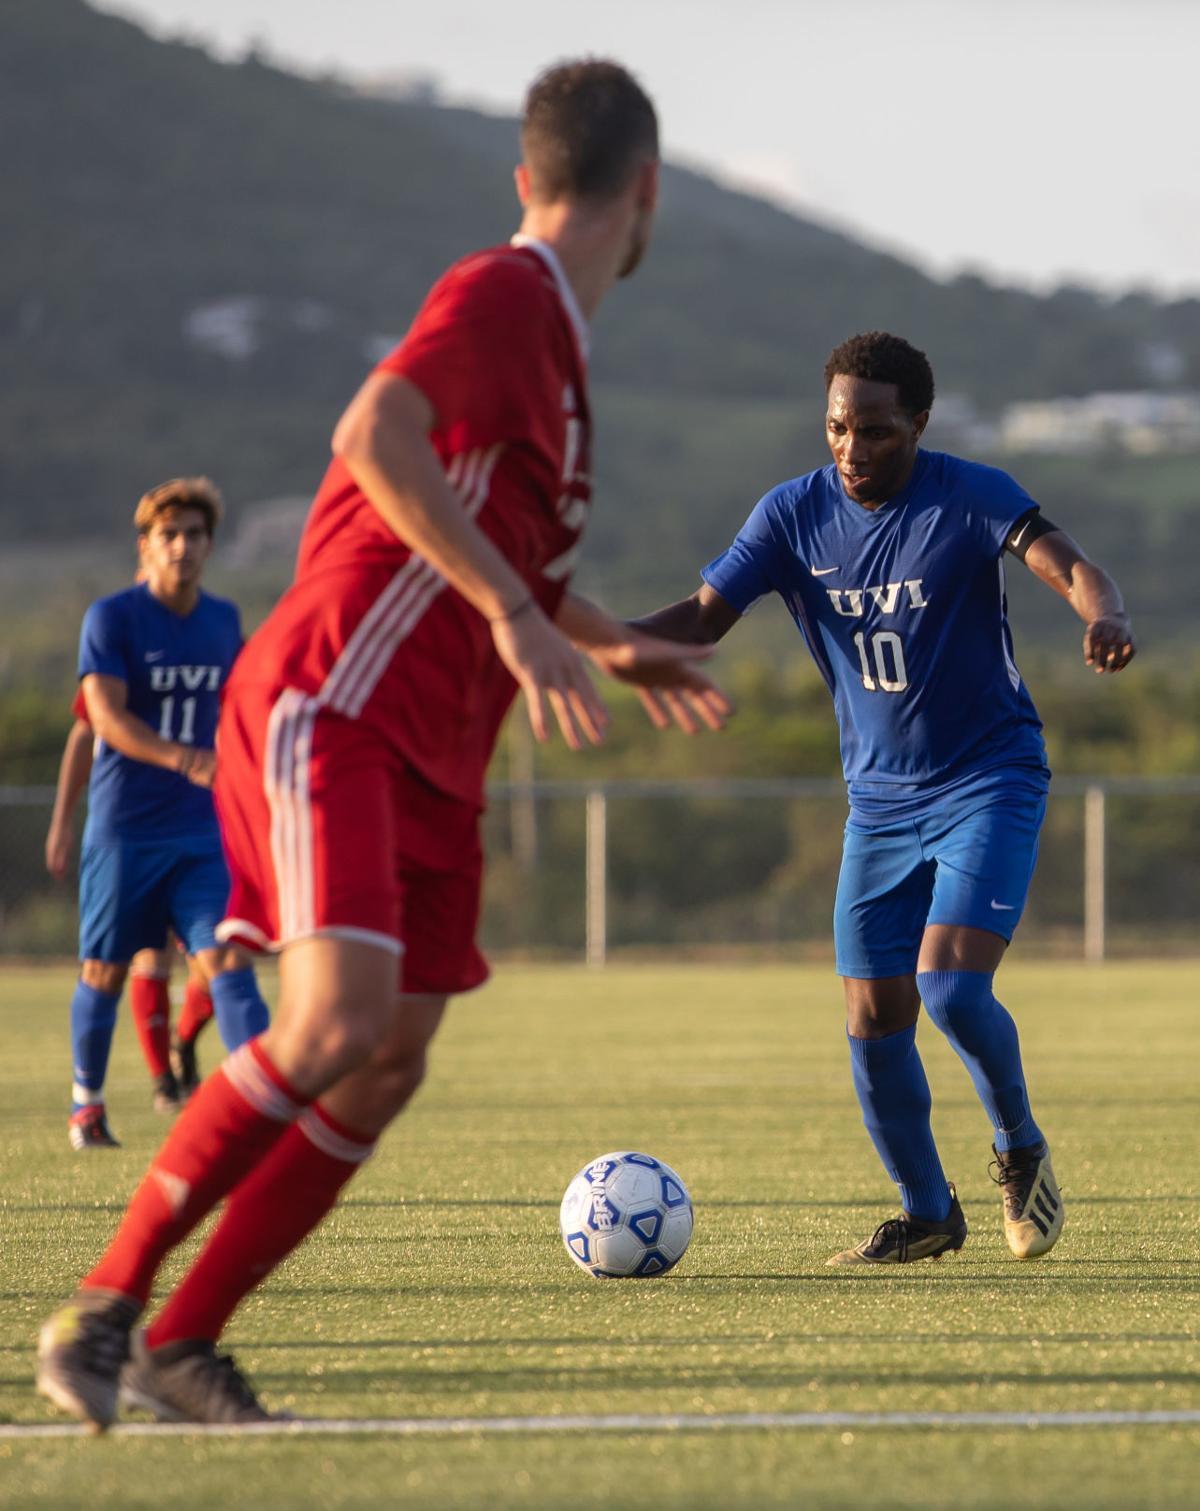 UVI vs FNU soccer 2